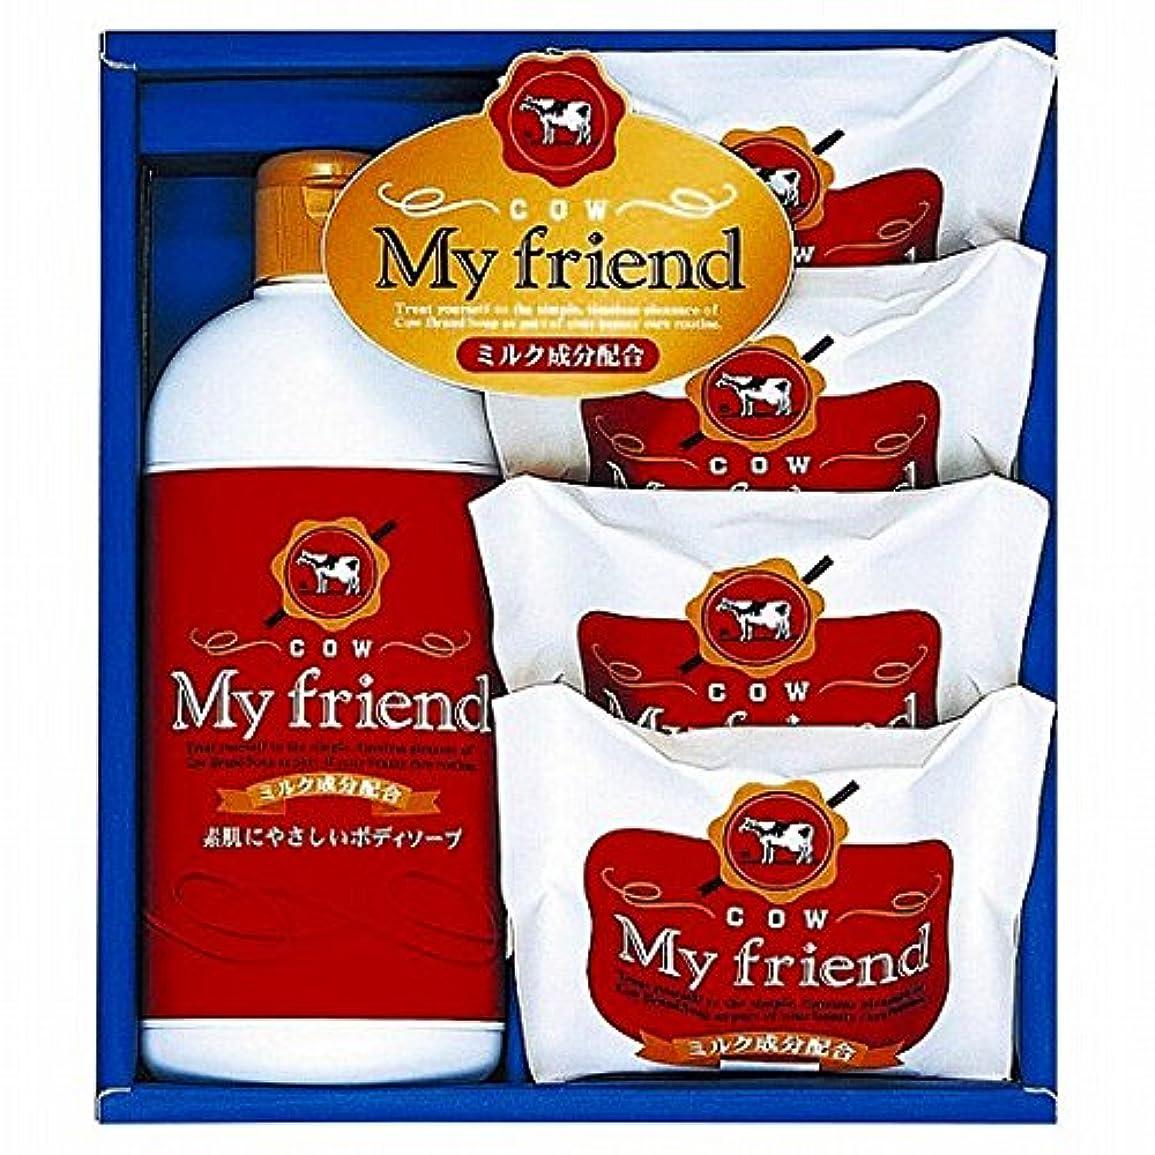 消防士ゴミ子孫nobrand 牛乳石鹸 マイフレンドボディソープセット (21940007)